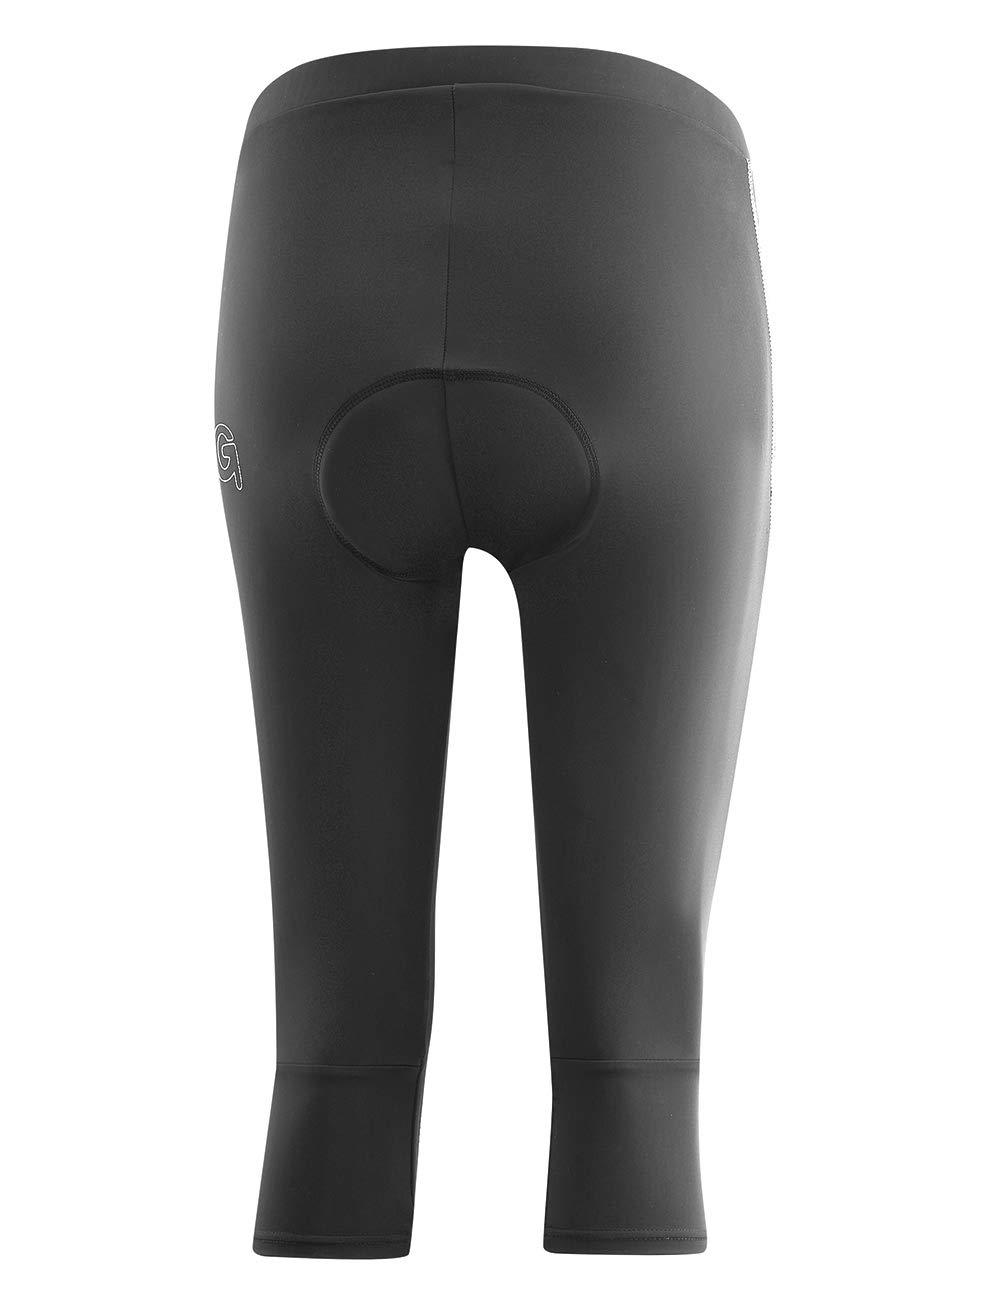 Pantal/ón de ciclismo 3//4 para mujer GONSO LECCE